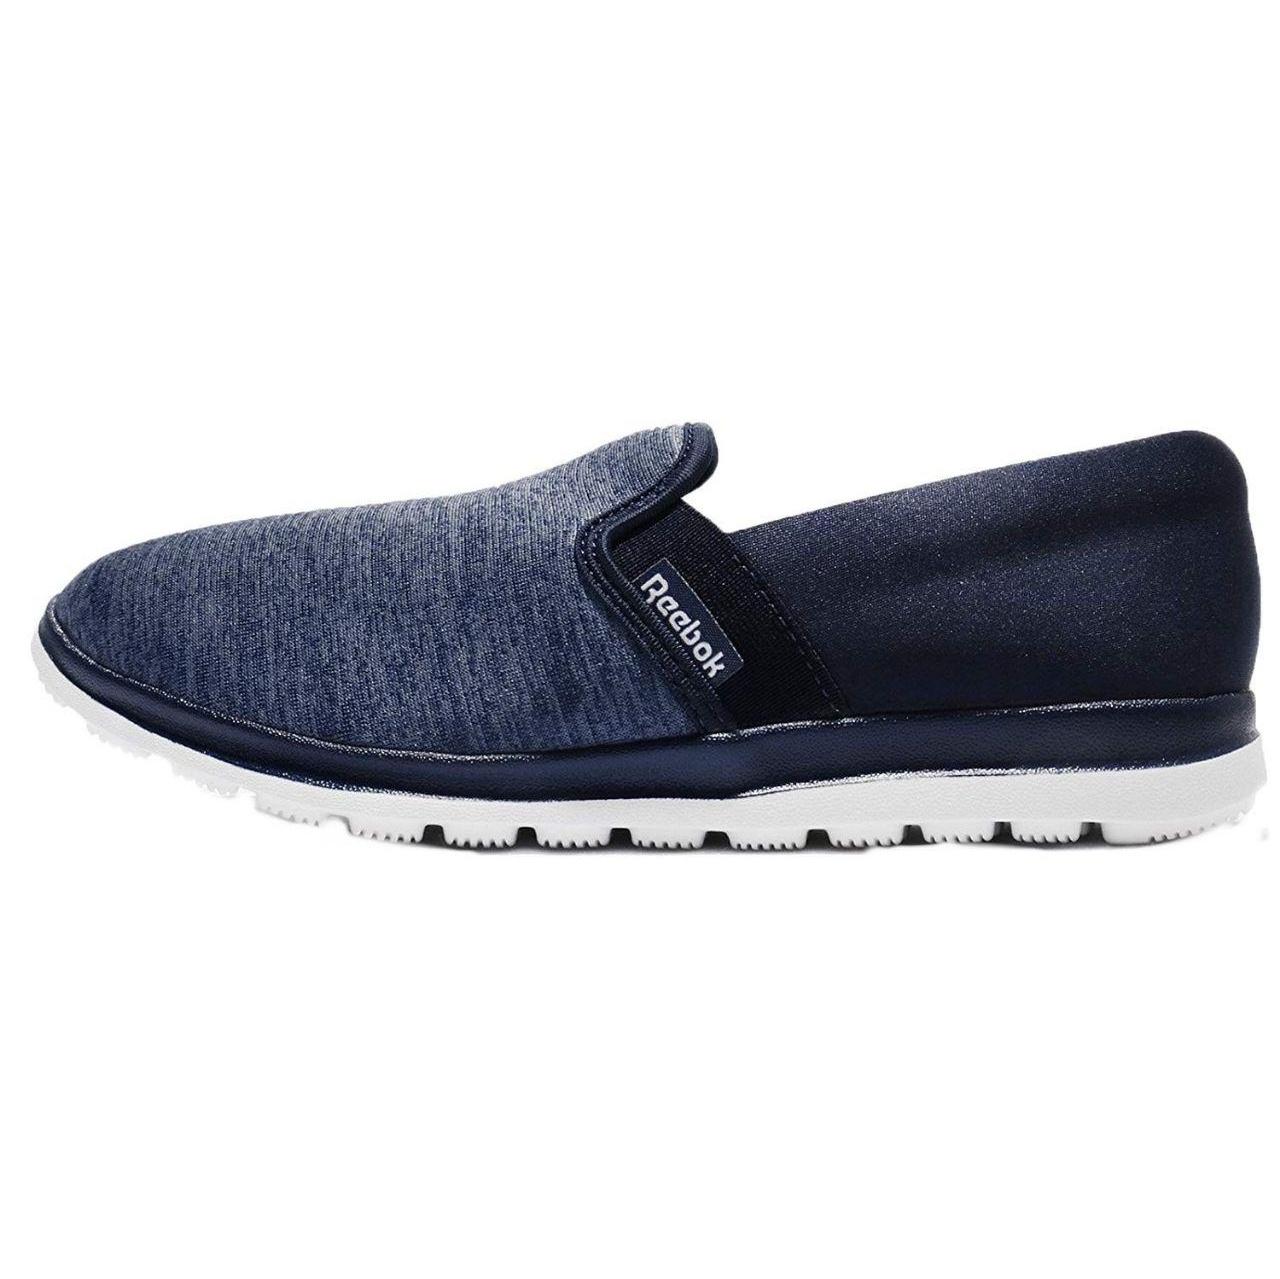 کفش راحتی زنانه ریباک مدل Skyscape کد bs7162